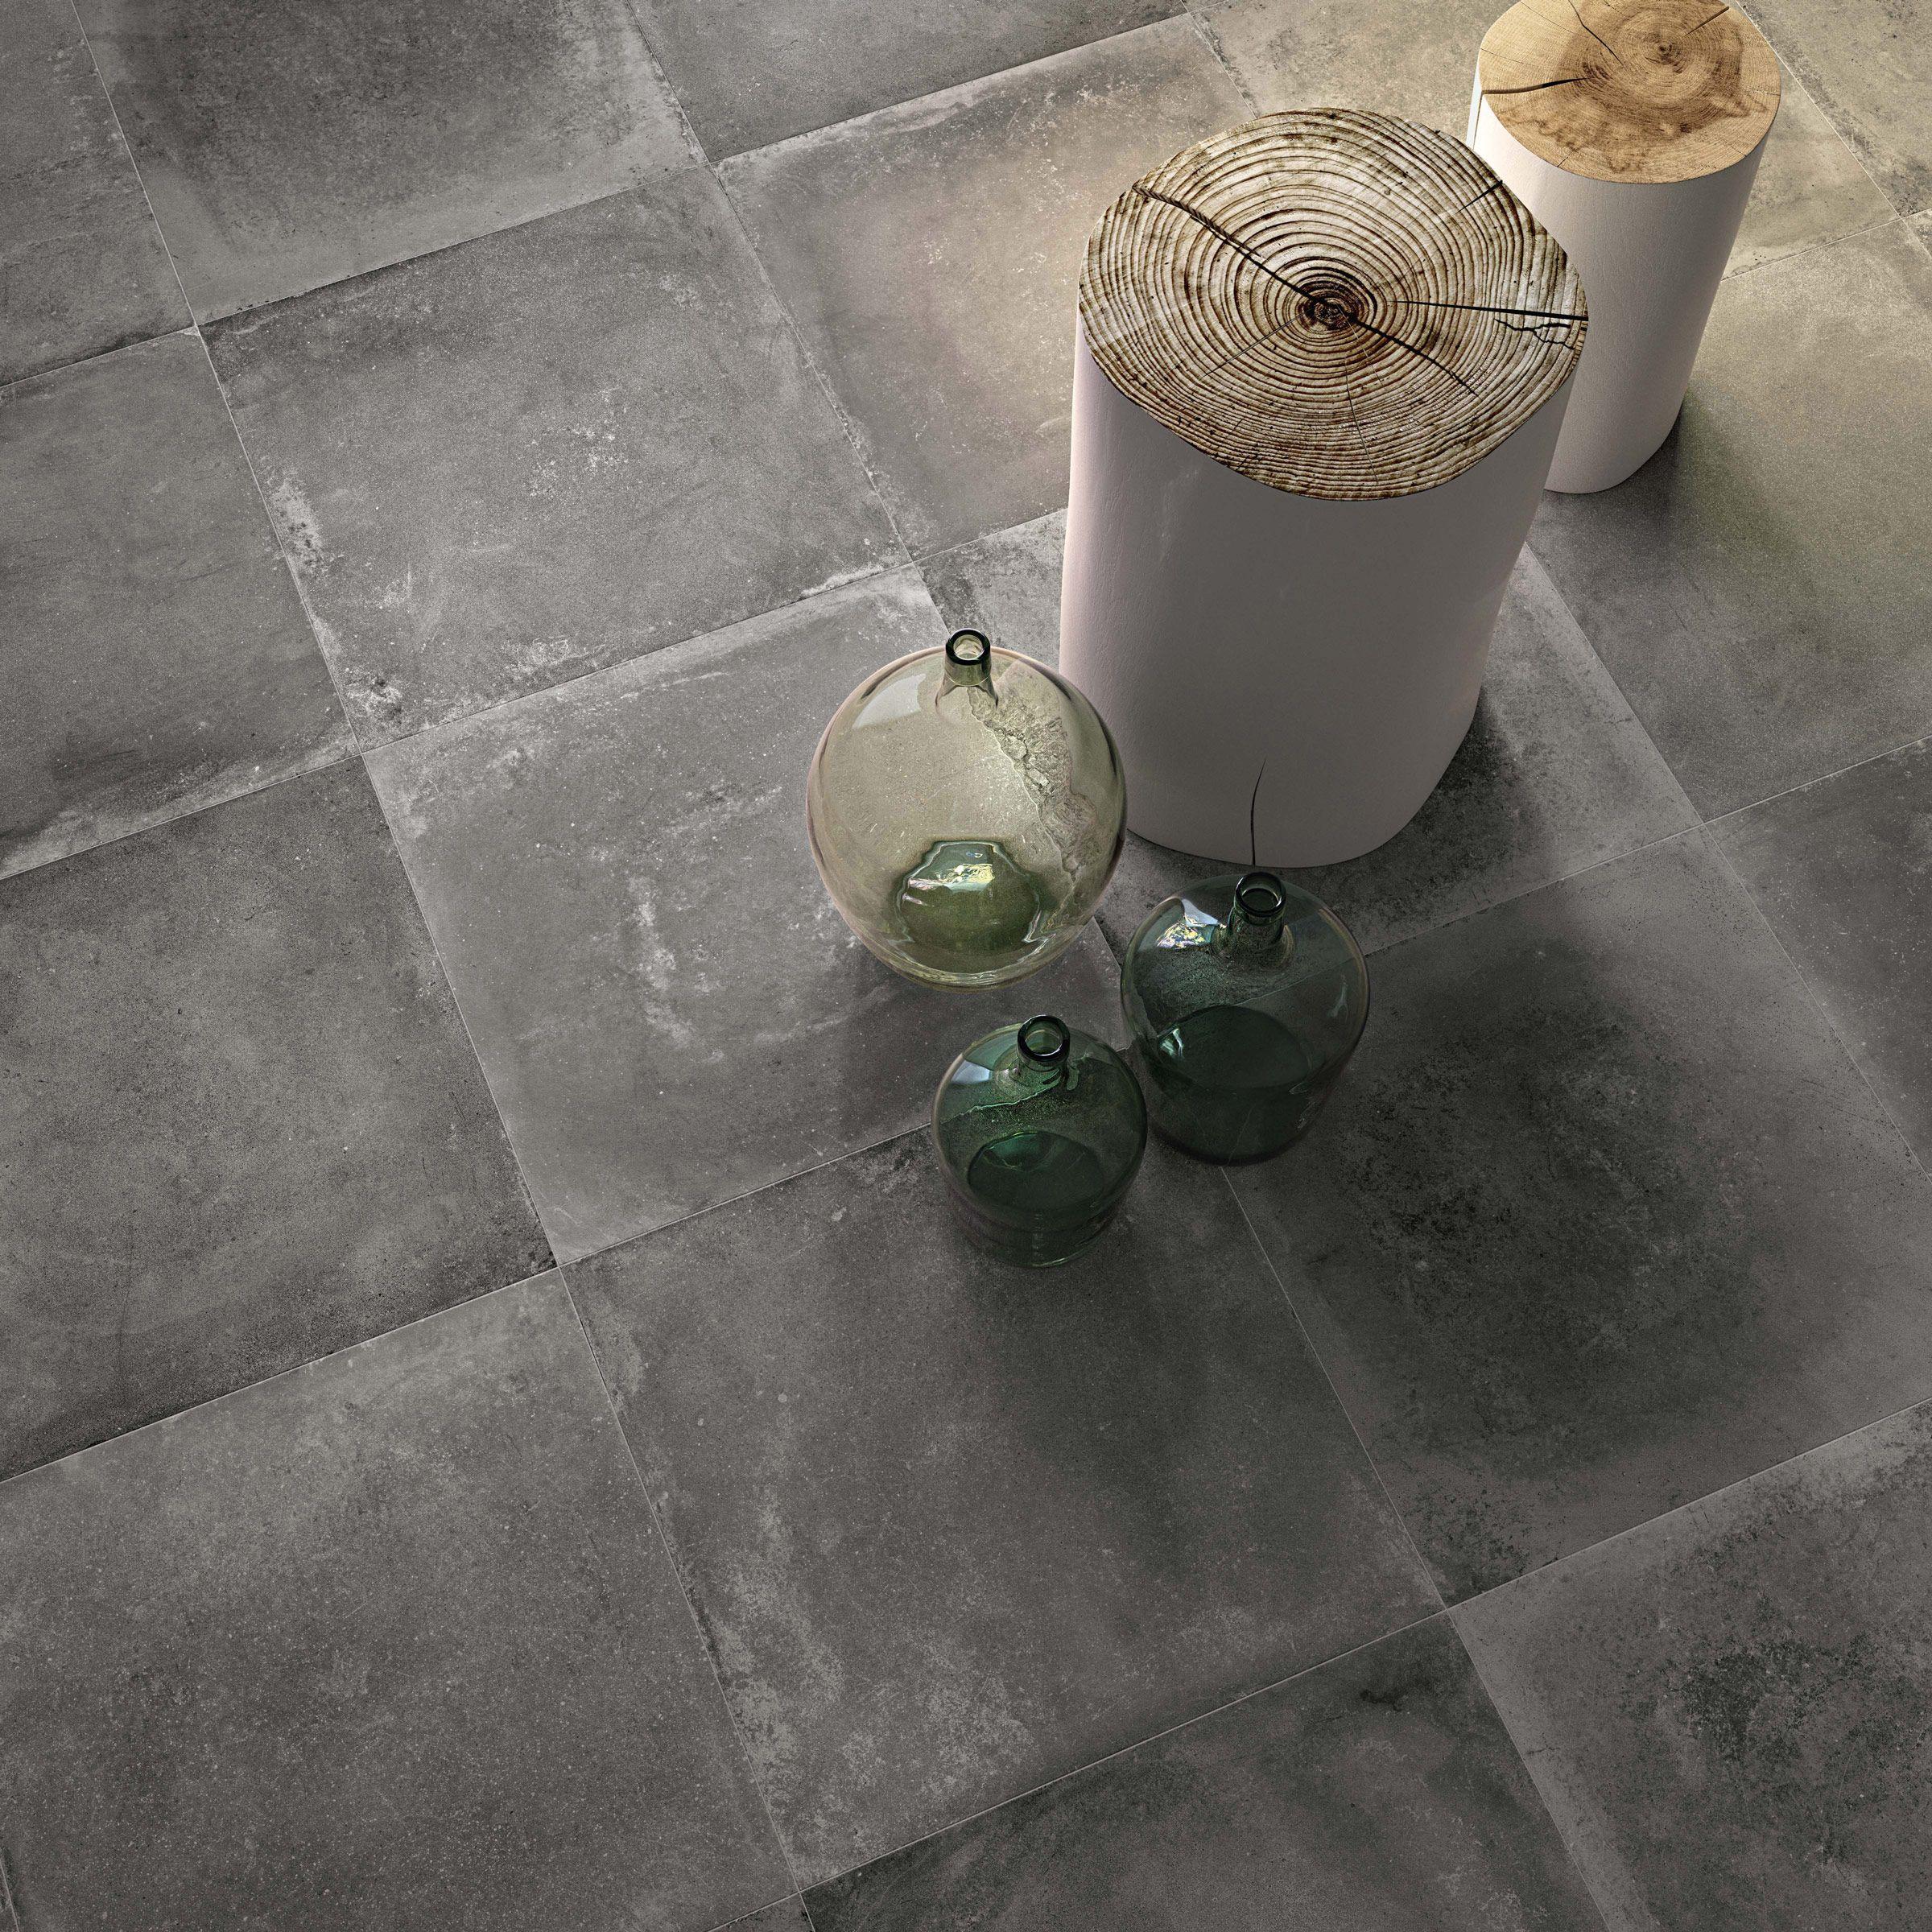 Die Farbe Graphite gibt ein besonders natürlichen Look von Sich! #tiles #fliesen #tegels #wandfliesen #walltiles #foortiles #bodenfliesen #vloertegels #einrichten #badezimmer #bathroom #badkamer #gestalten #potd #wc #badewanne #lampe #blumen #pflanzen #badezeit #wohnen #leben #wohlfühlen #wanddesign #bodendesign #frankeraumwert #flaviker #backstage